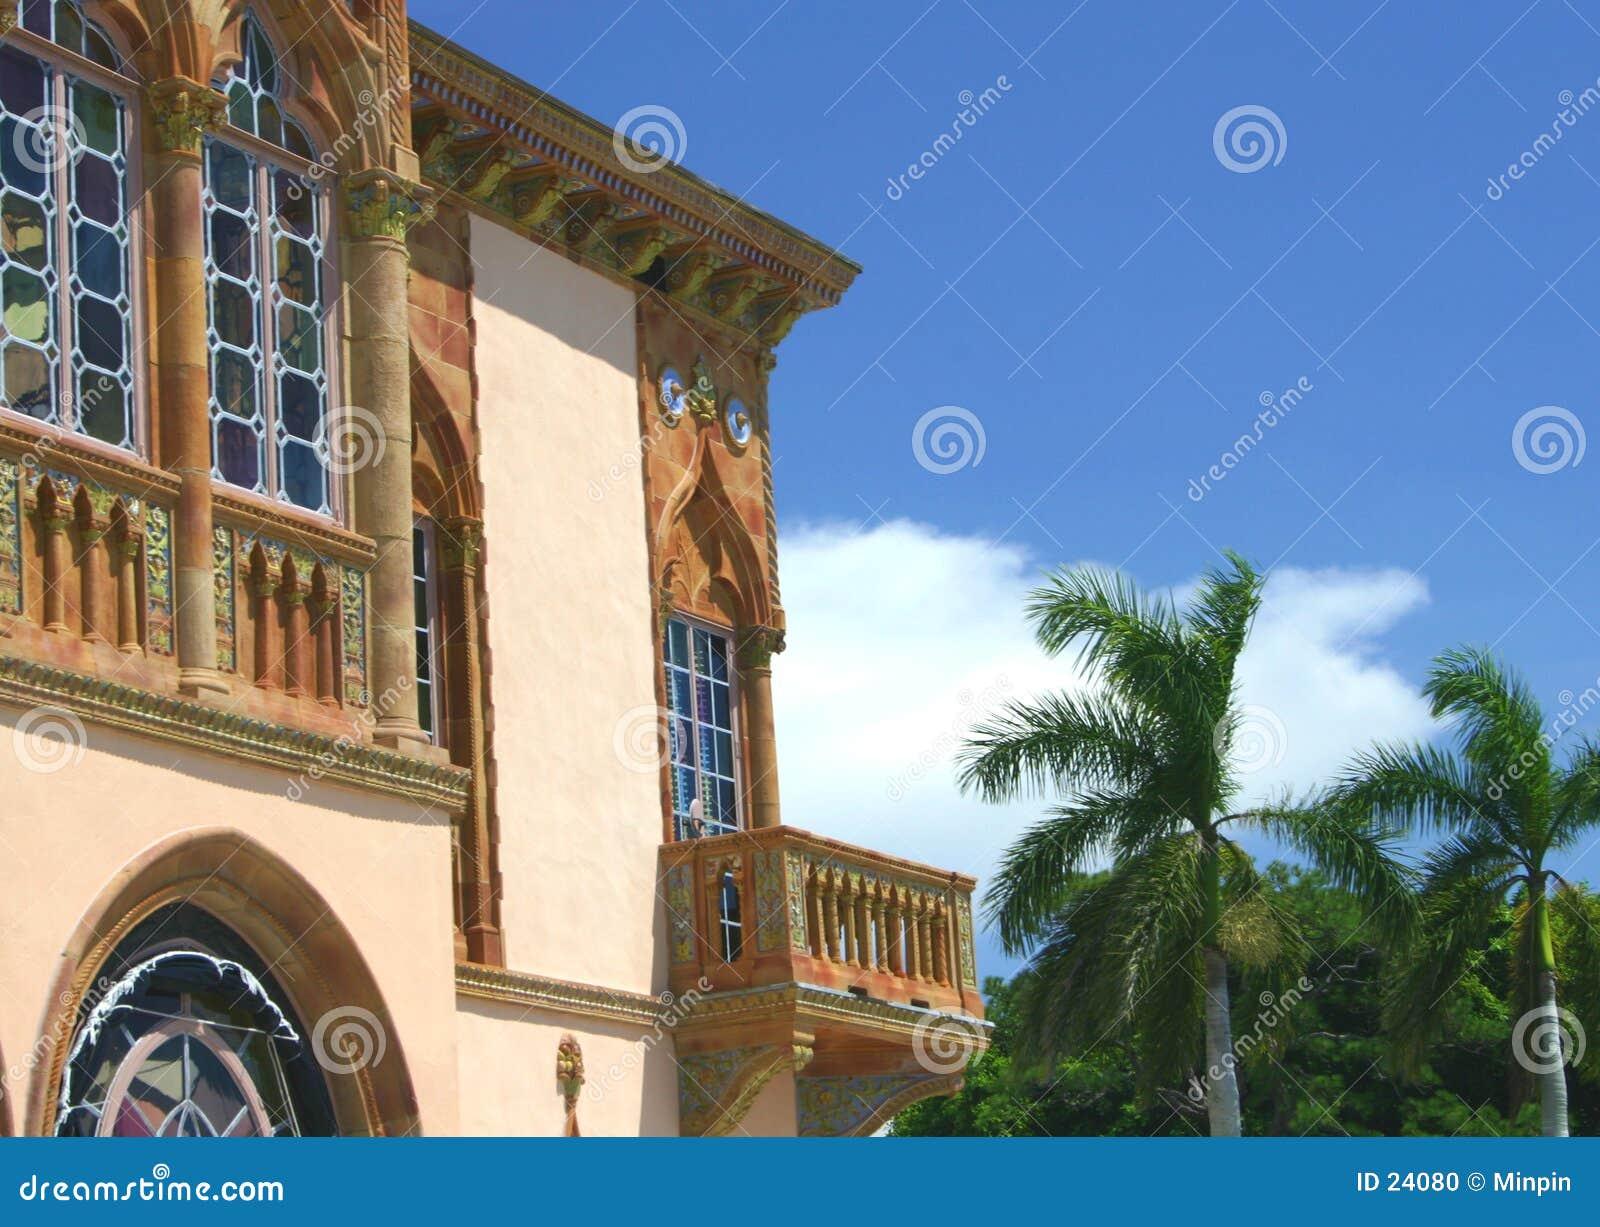 Venetian Gothic Balcony